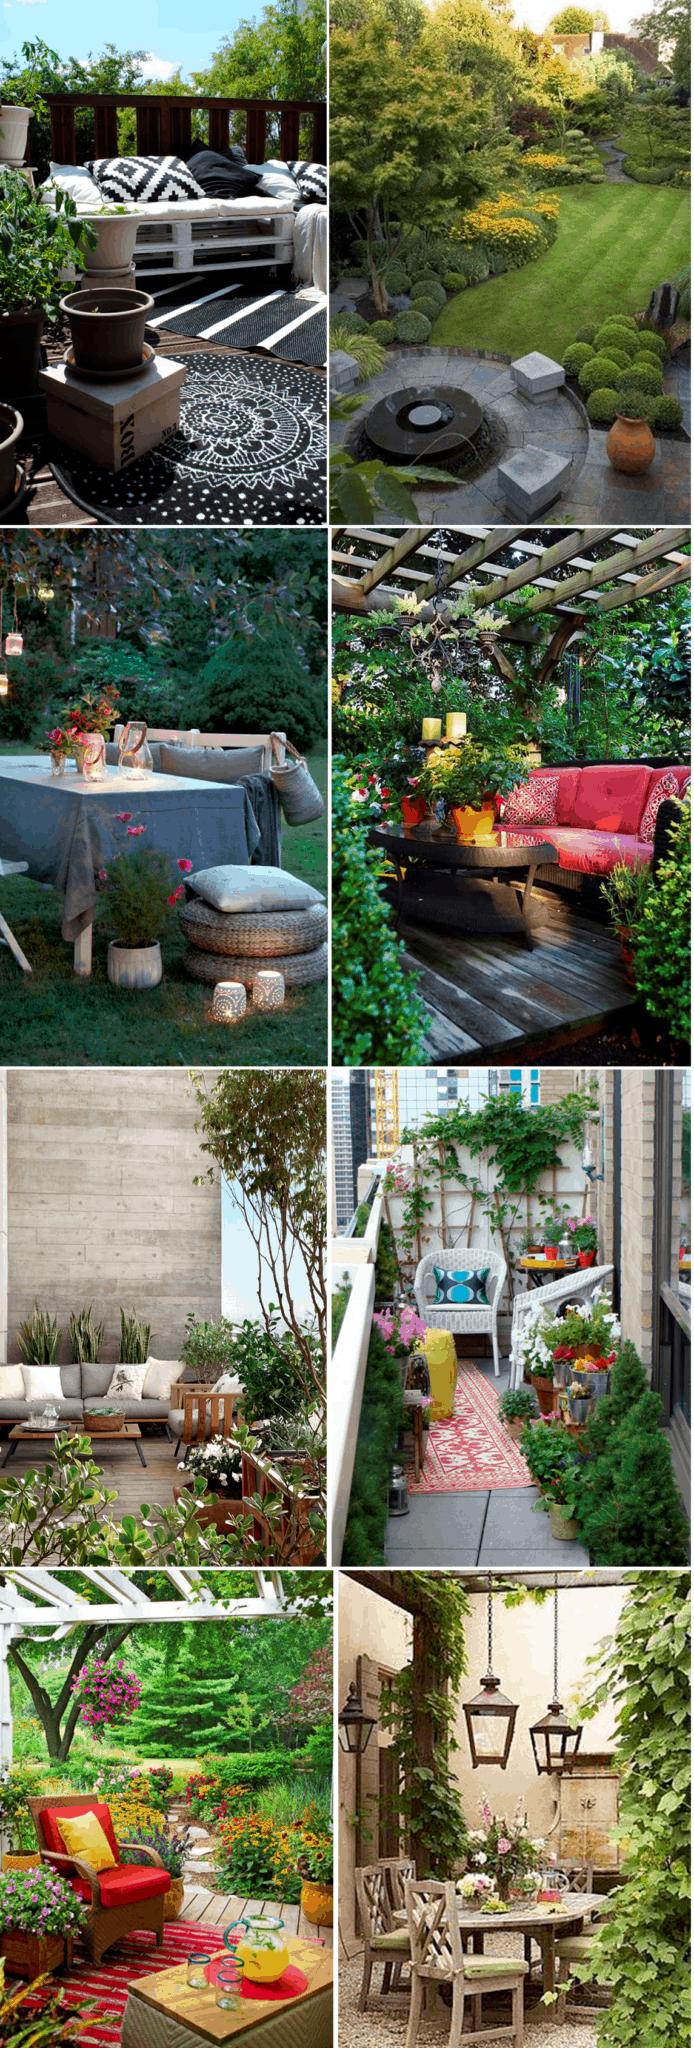 jardim-dos-sonhos-decorar-com-charme-mesa-cadeira (3)